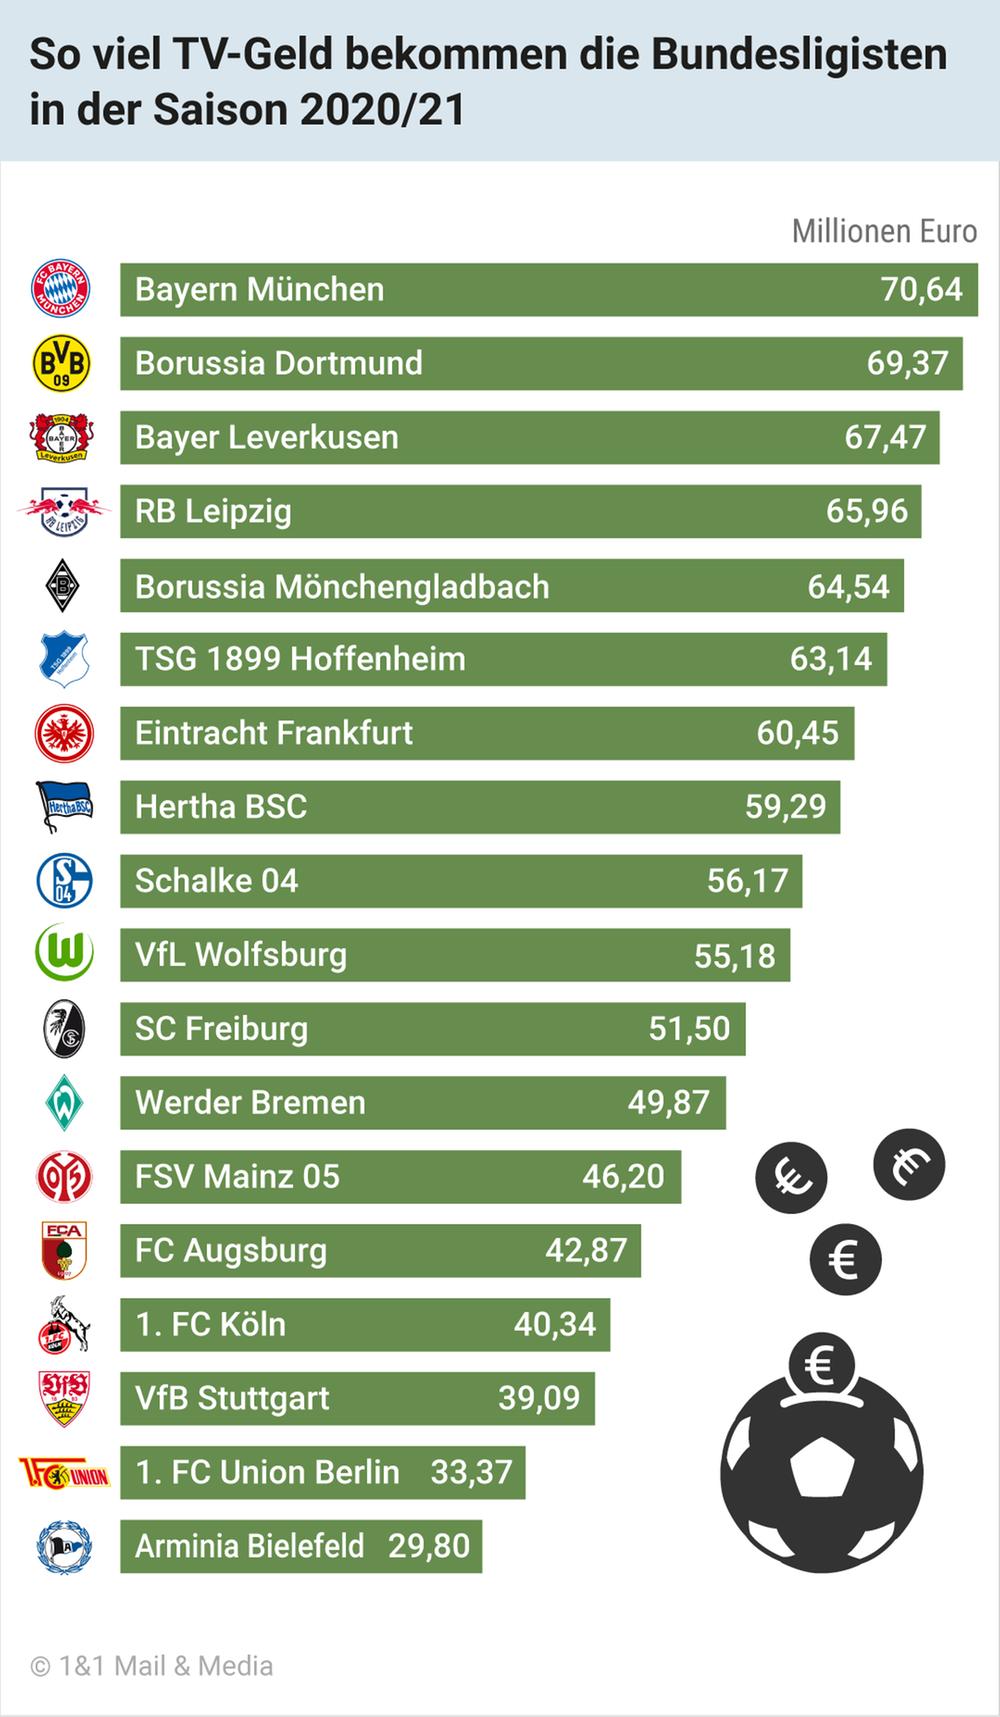 So viel TV-Geld bekommen die Bundesligisten